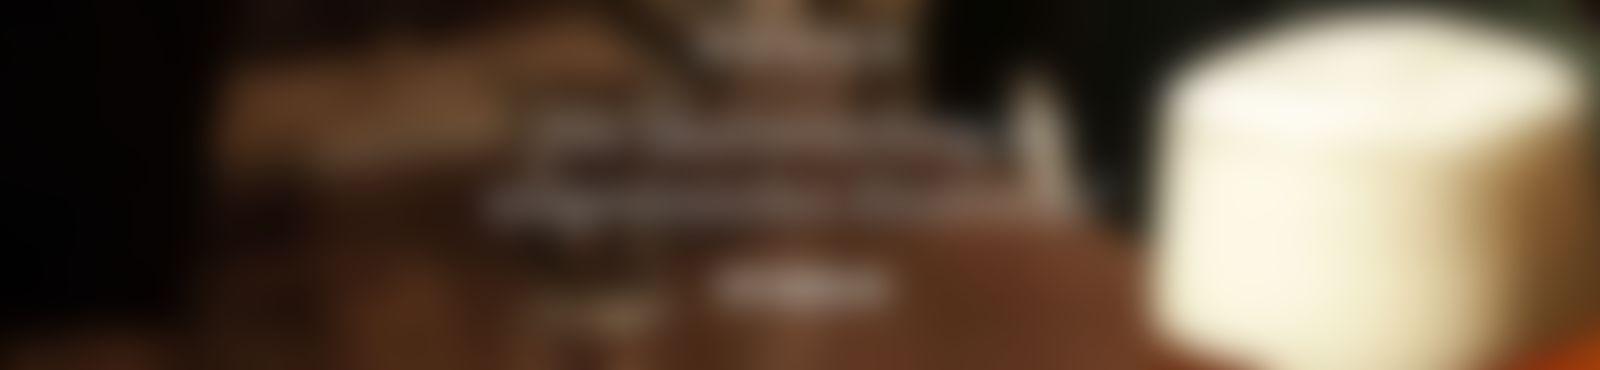 Blurred d8c021f0 c17a 4191 96b8 42684a17f885